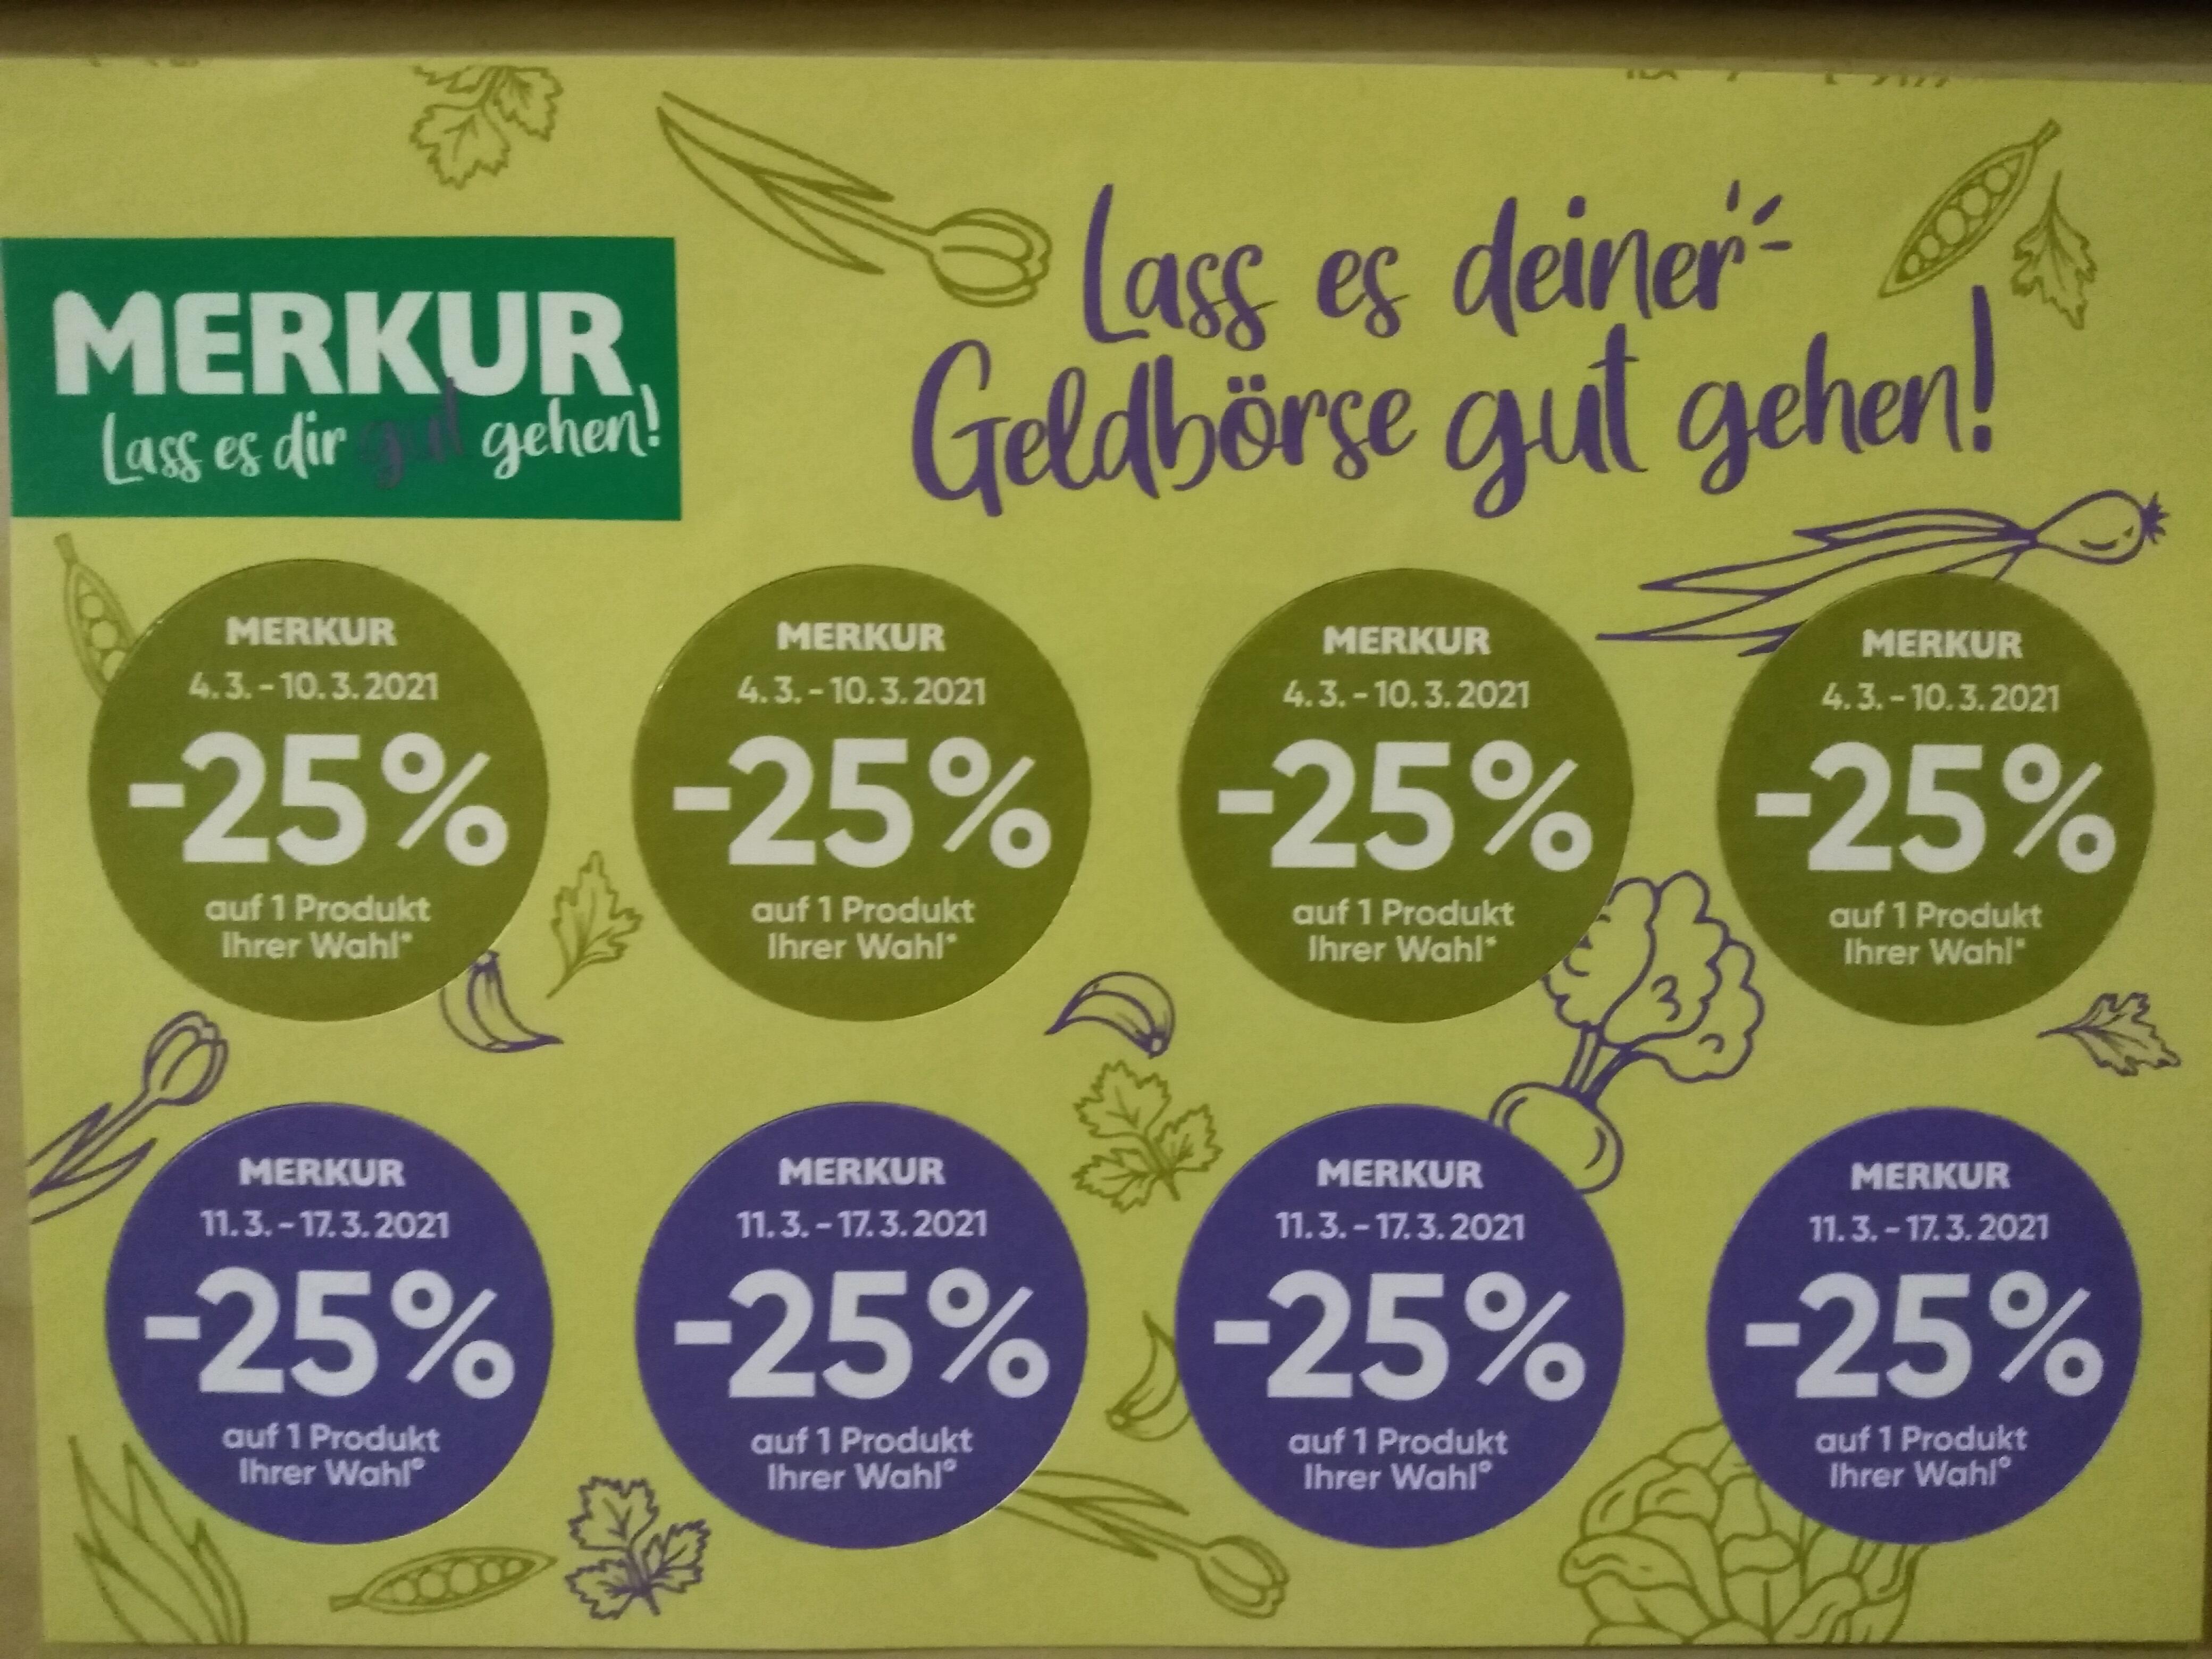 Merkur -25% Rabatt Pickerl